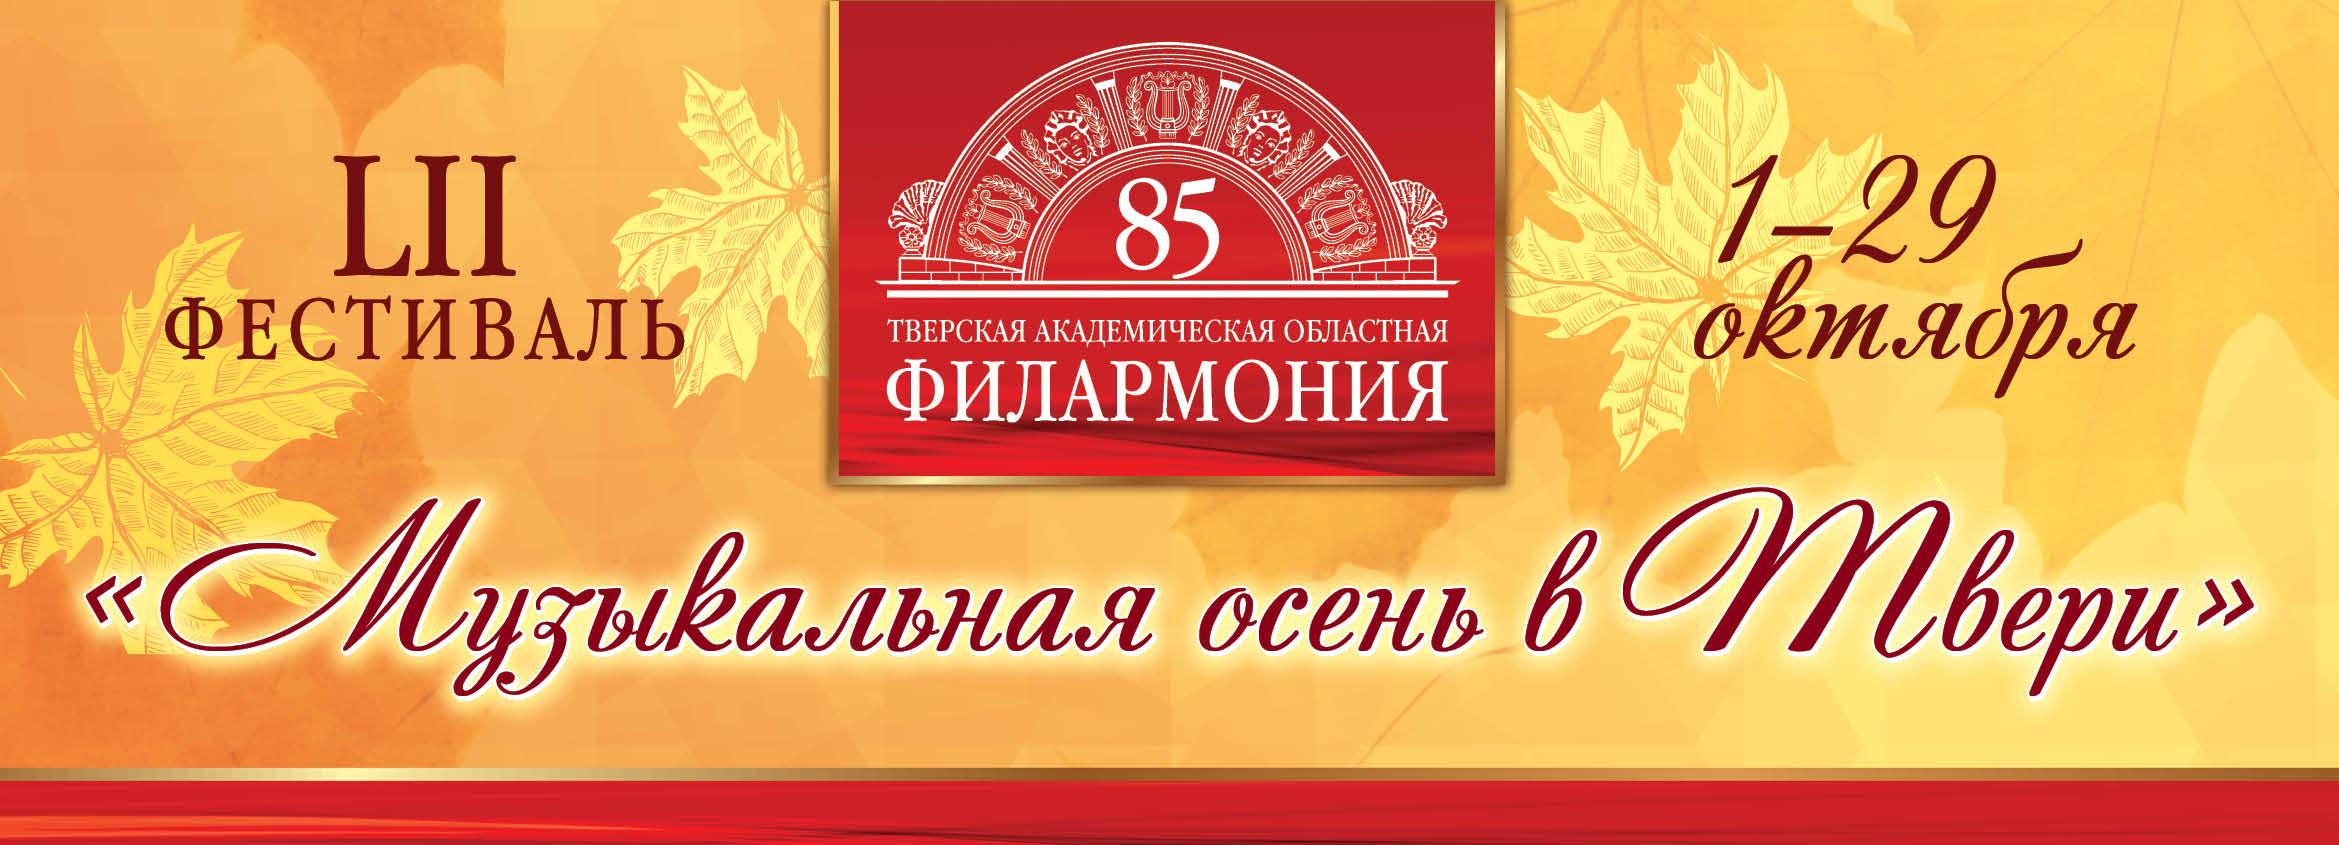 """Тверская филармония приглашает на традиционный фестиваль """"Музыкальная осень в Твери"""""""